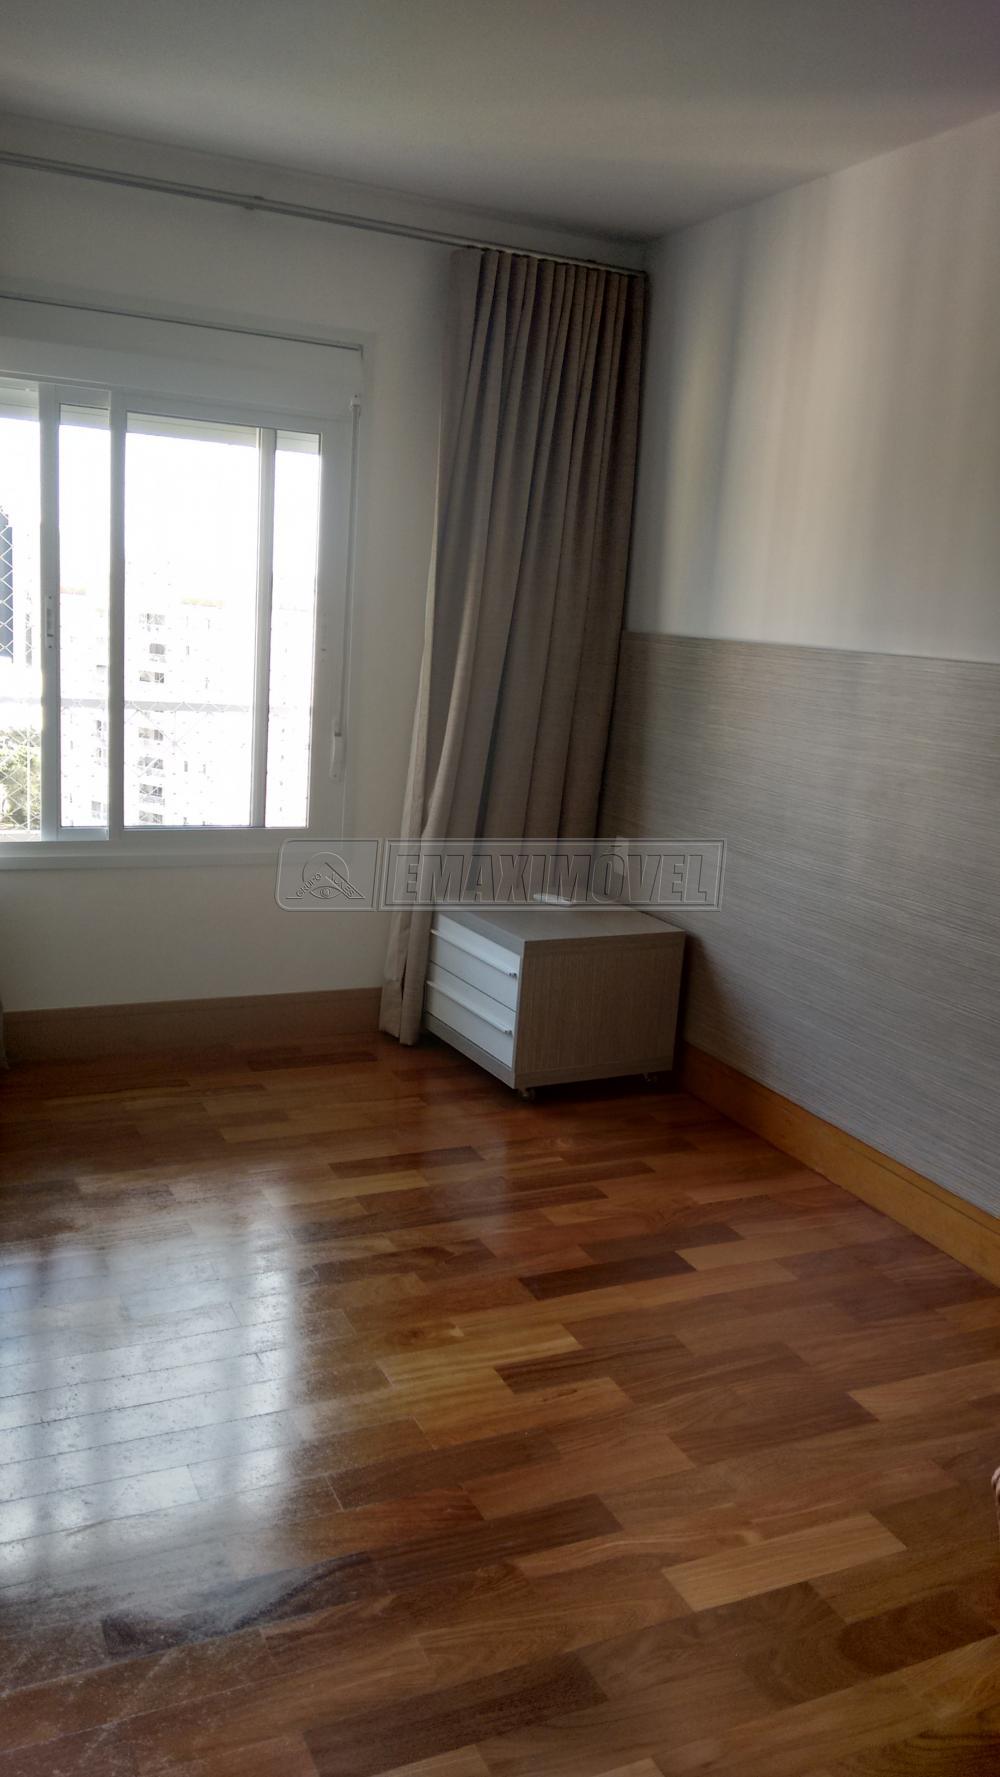 Comprar Apartamentos / Apto Padrão em Sorocaba apenas R$ 1.400.000,00 - Foto 12